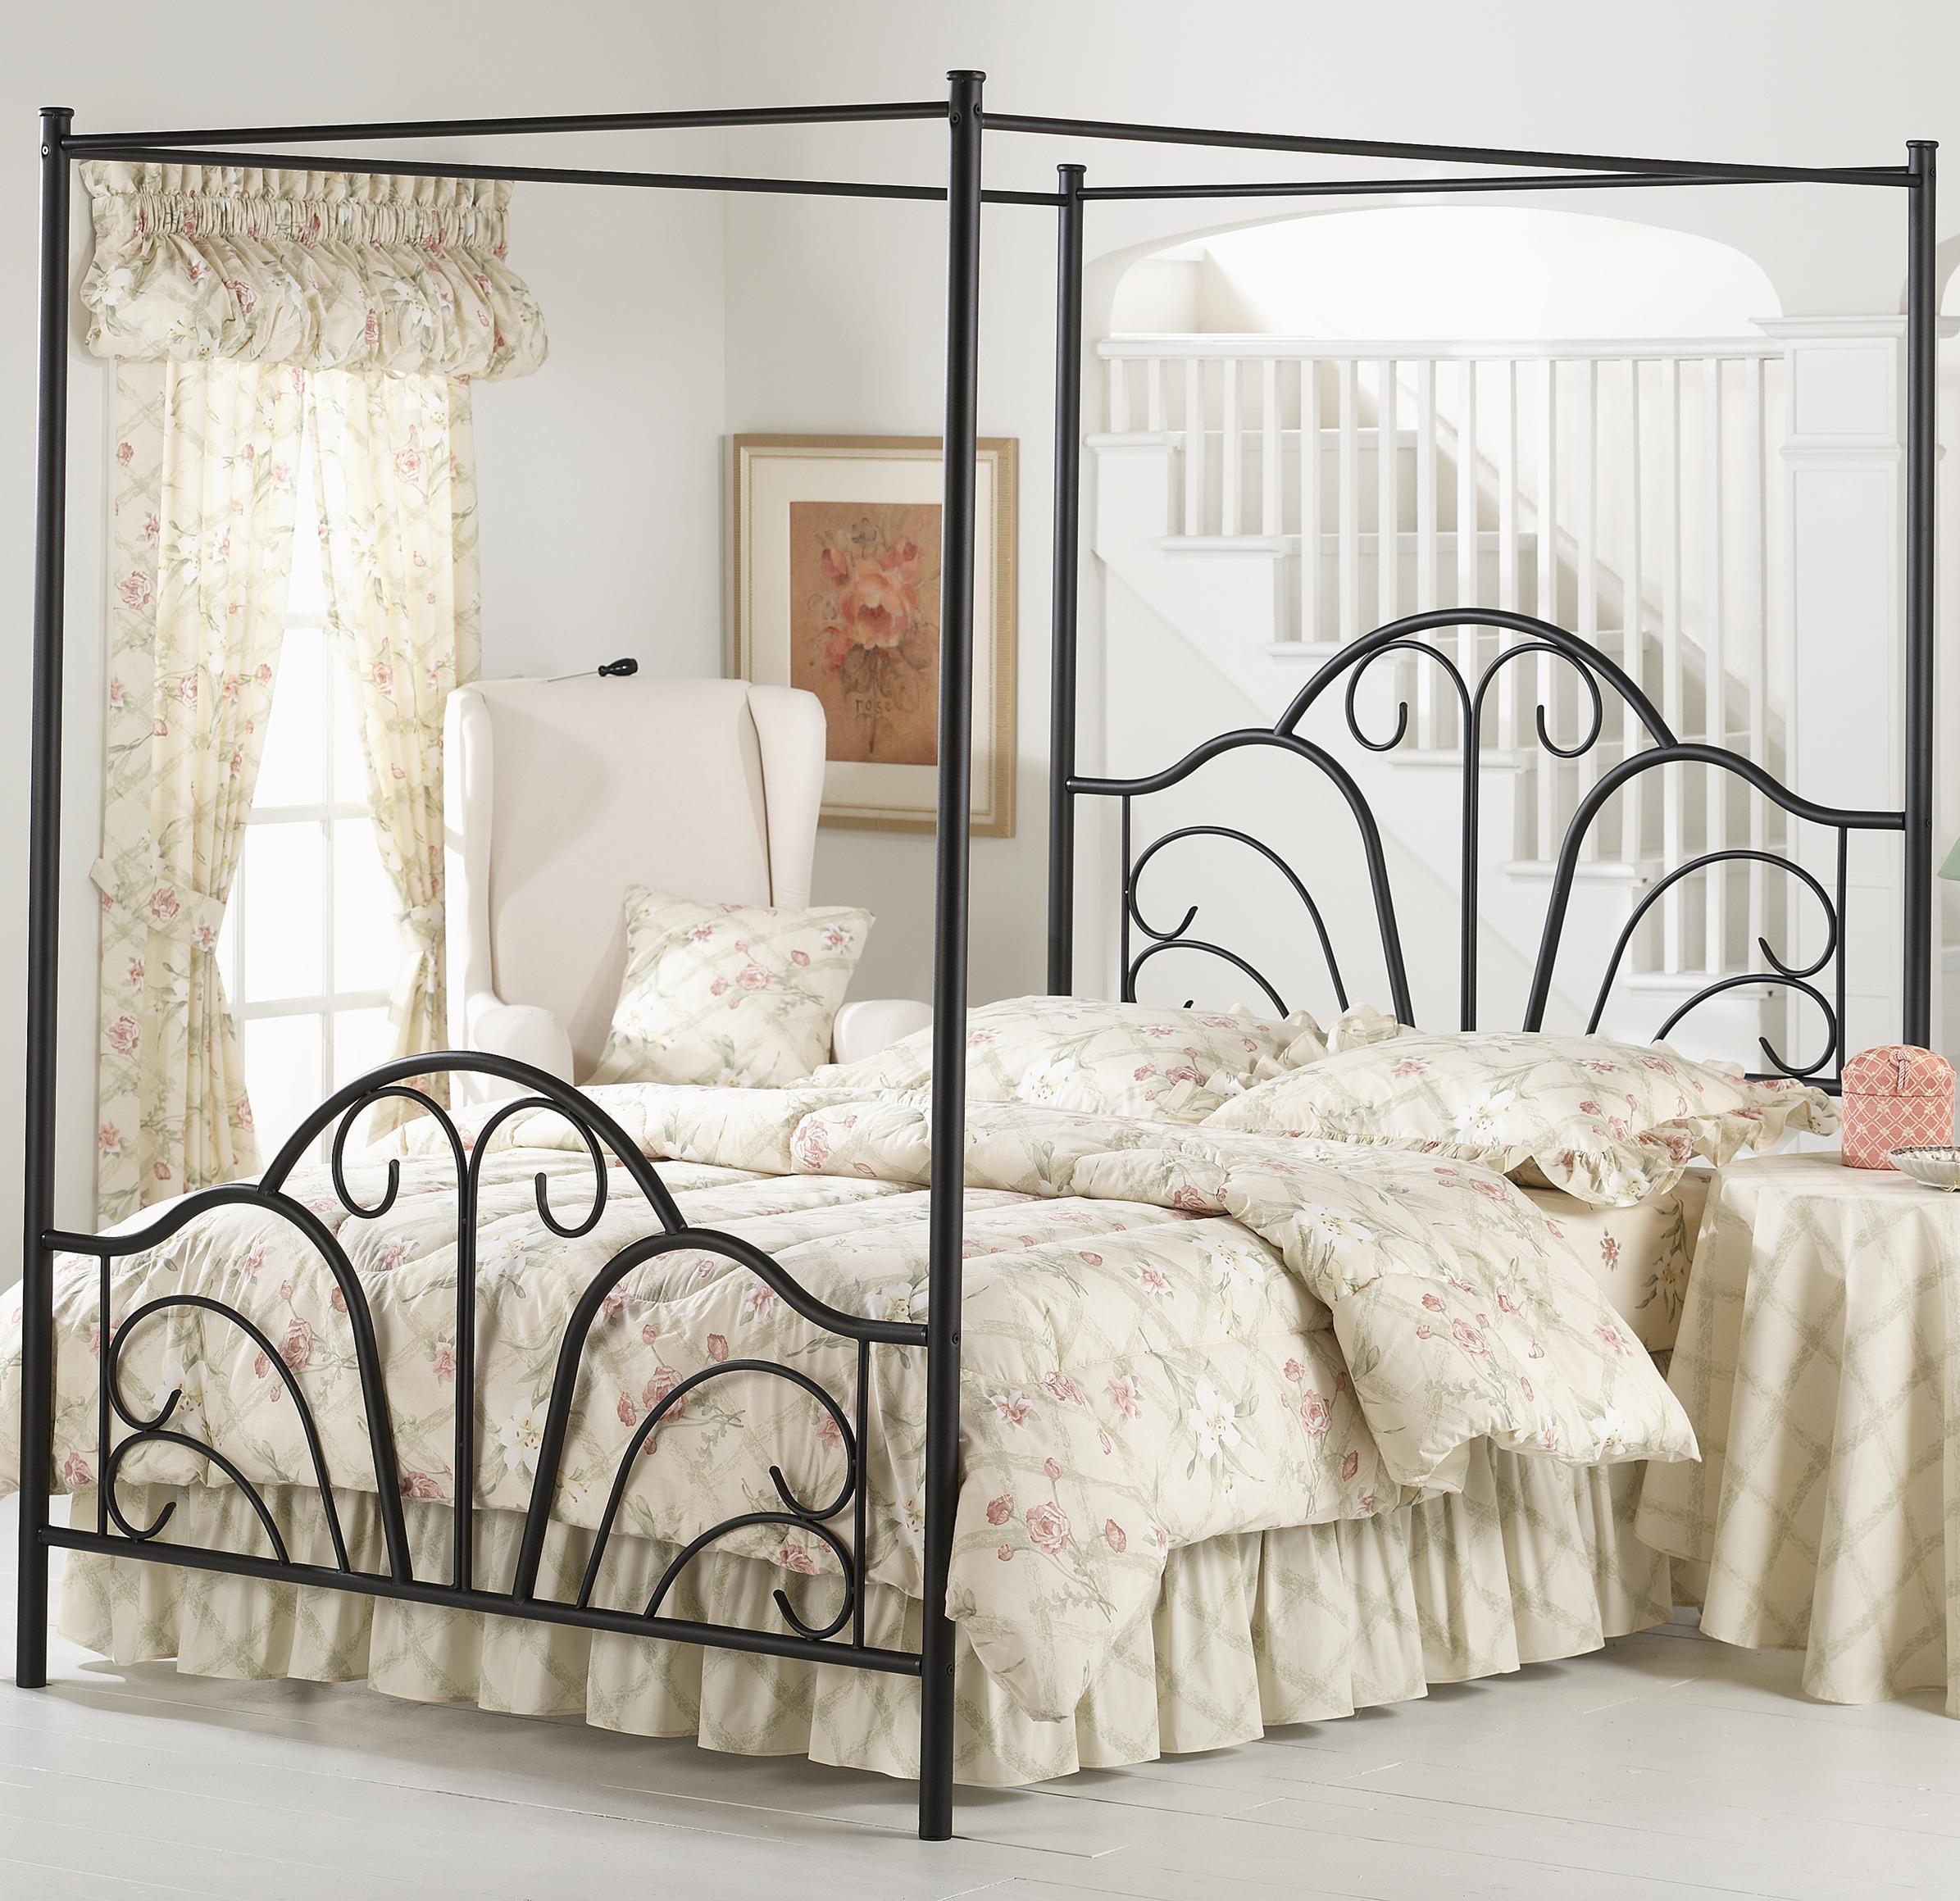 Hillsdale Metal Beds Queen Dover Bed - Item Number: 348BQPR